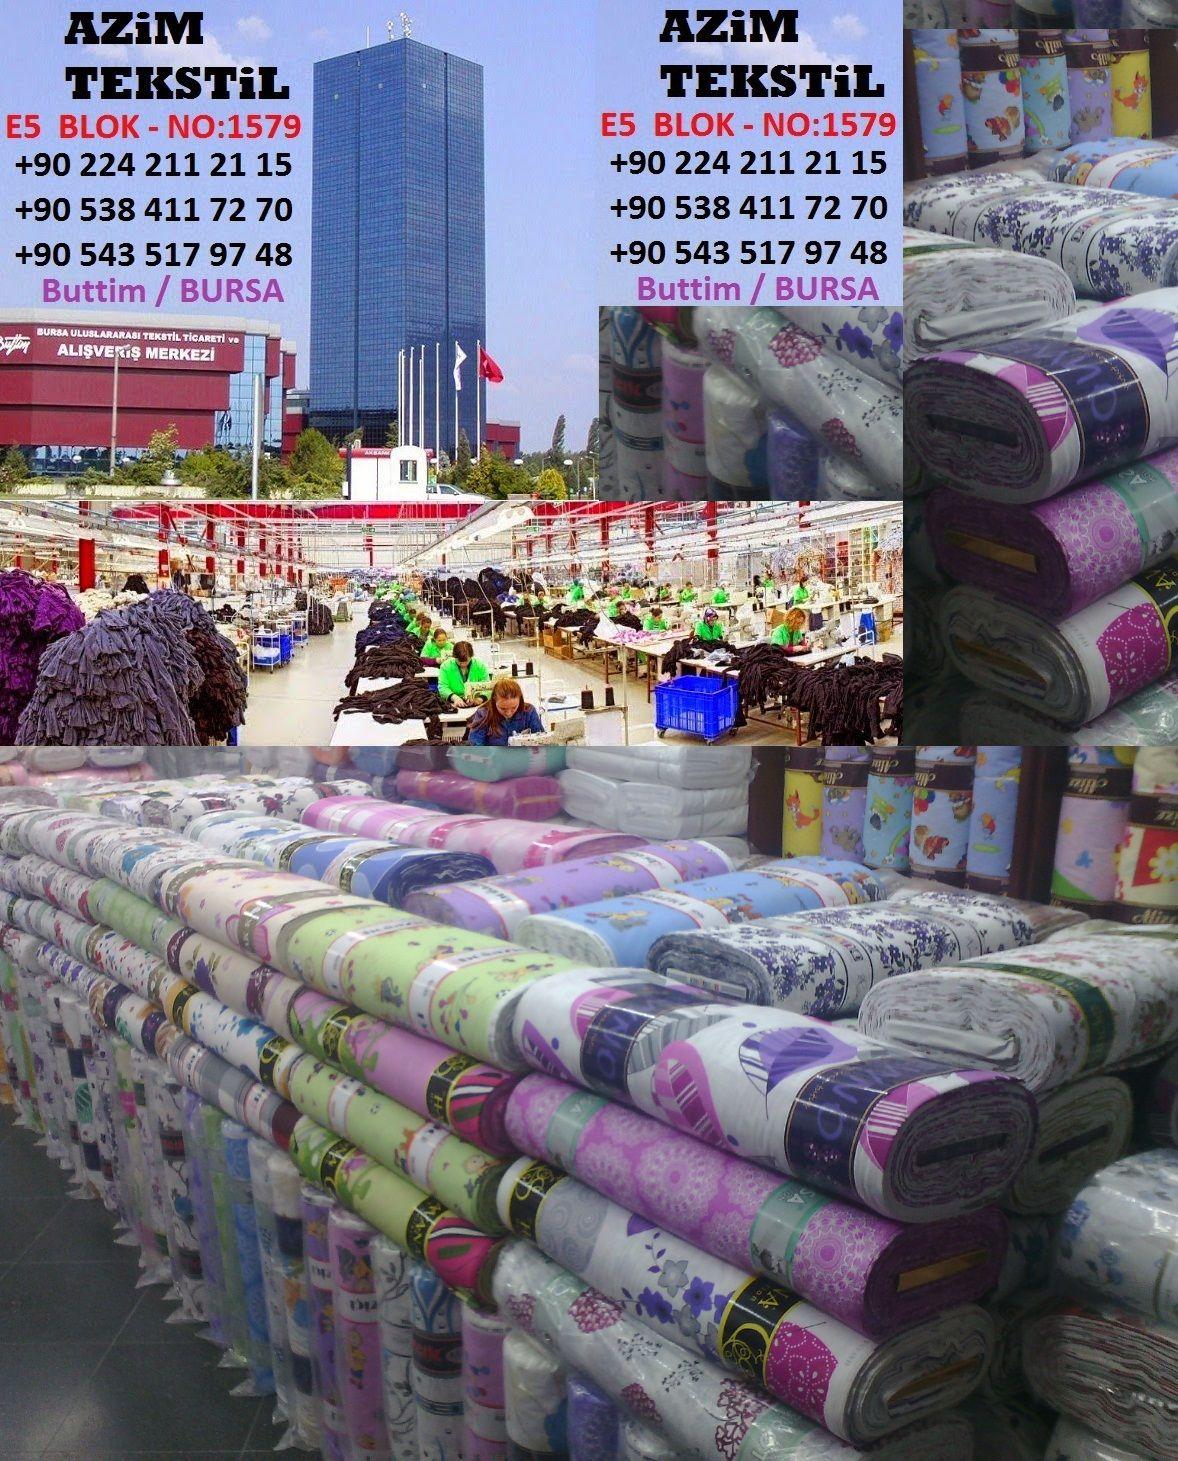 abd51ce7e15c0 nevresimlik kumaş fabrikaları - nevresim kumaşı imalatı yapan tekstil  fabrikaları denizli bursa tekstil firmaları